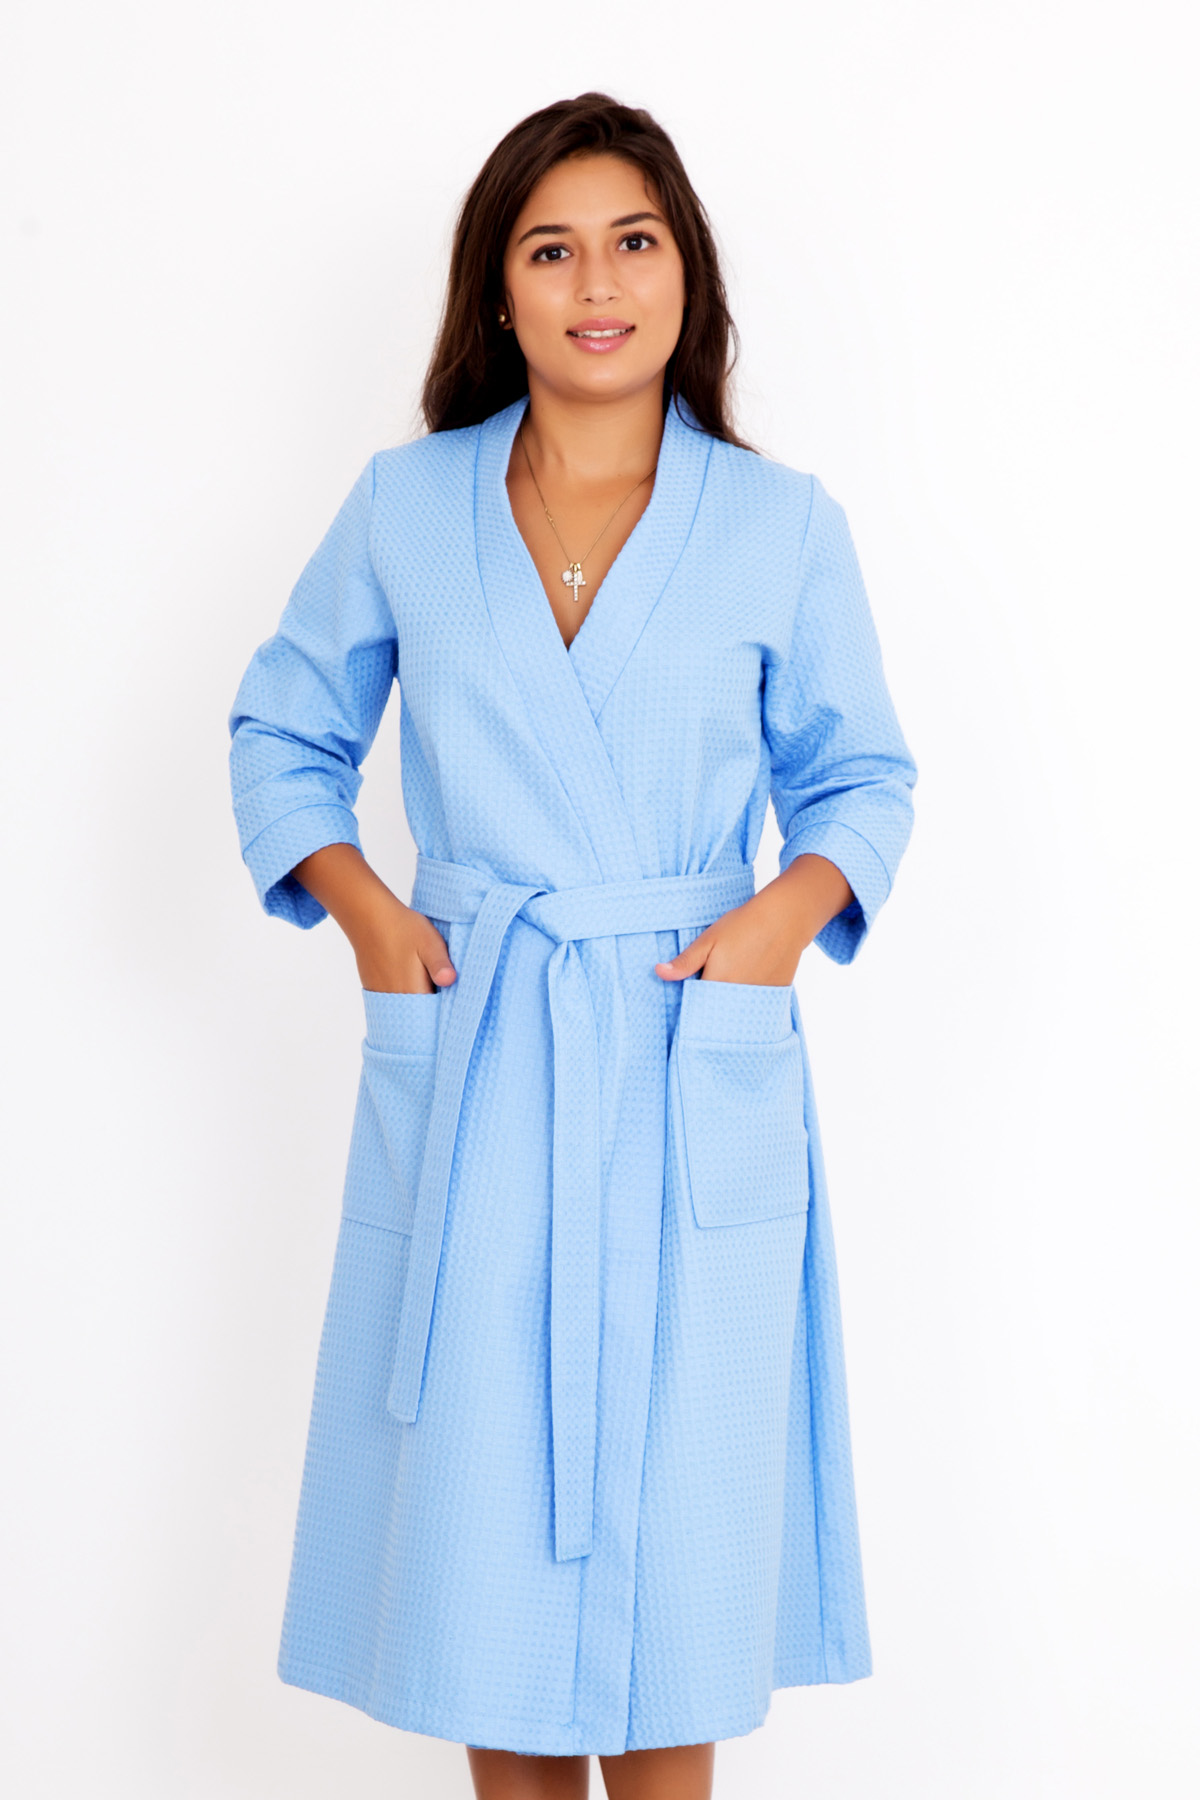 Банный халат купить